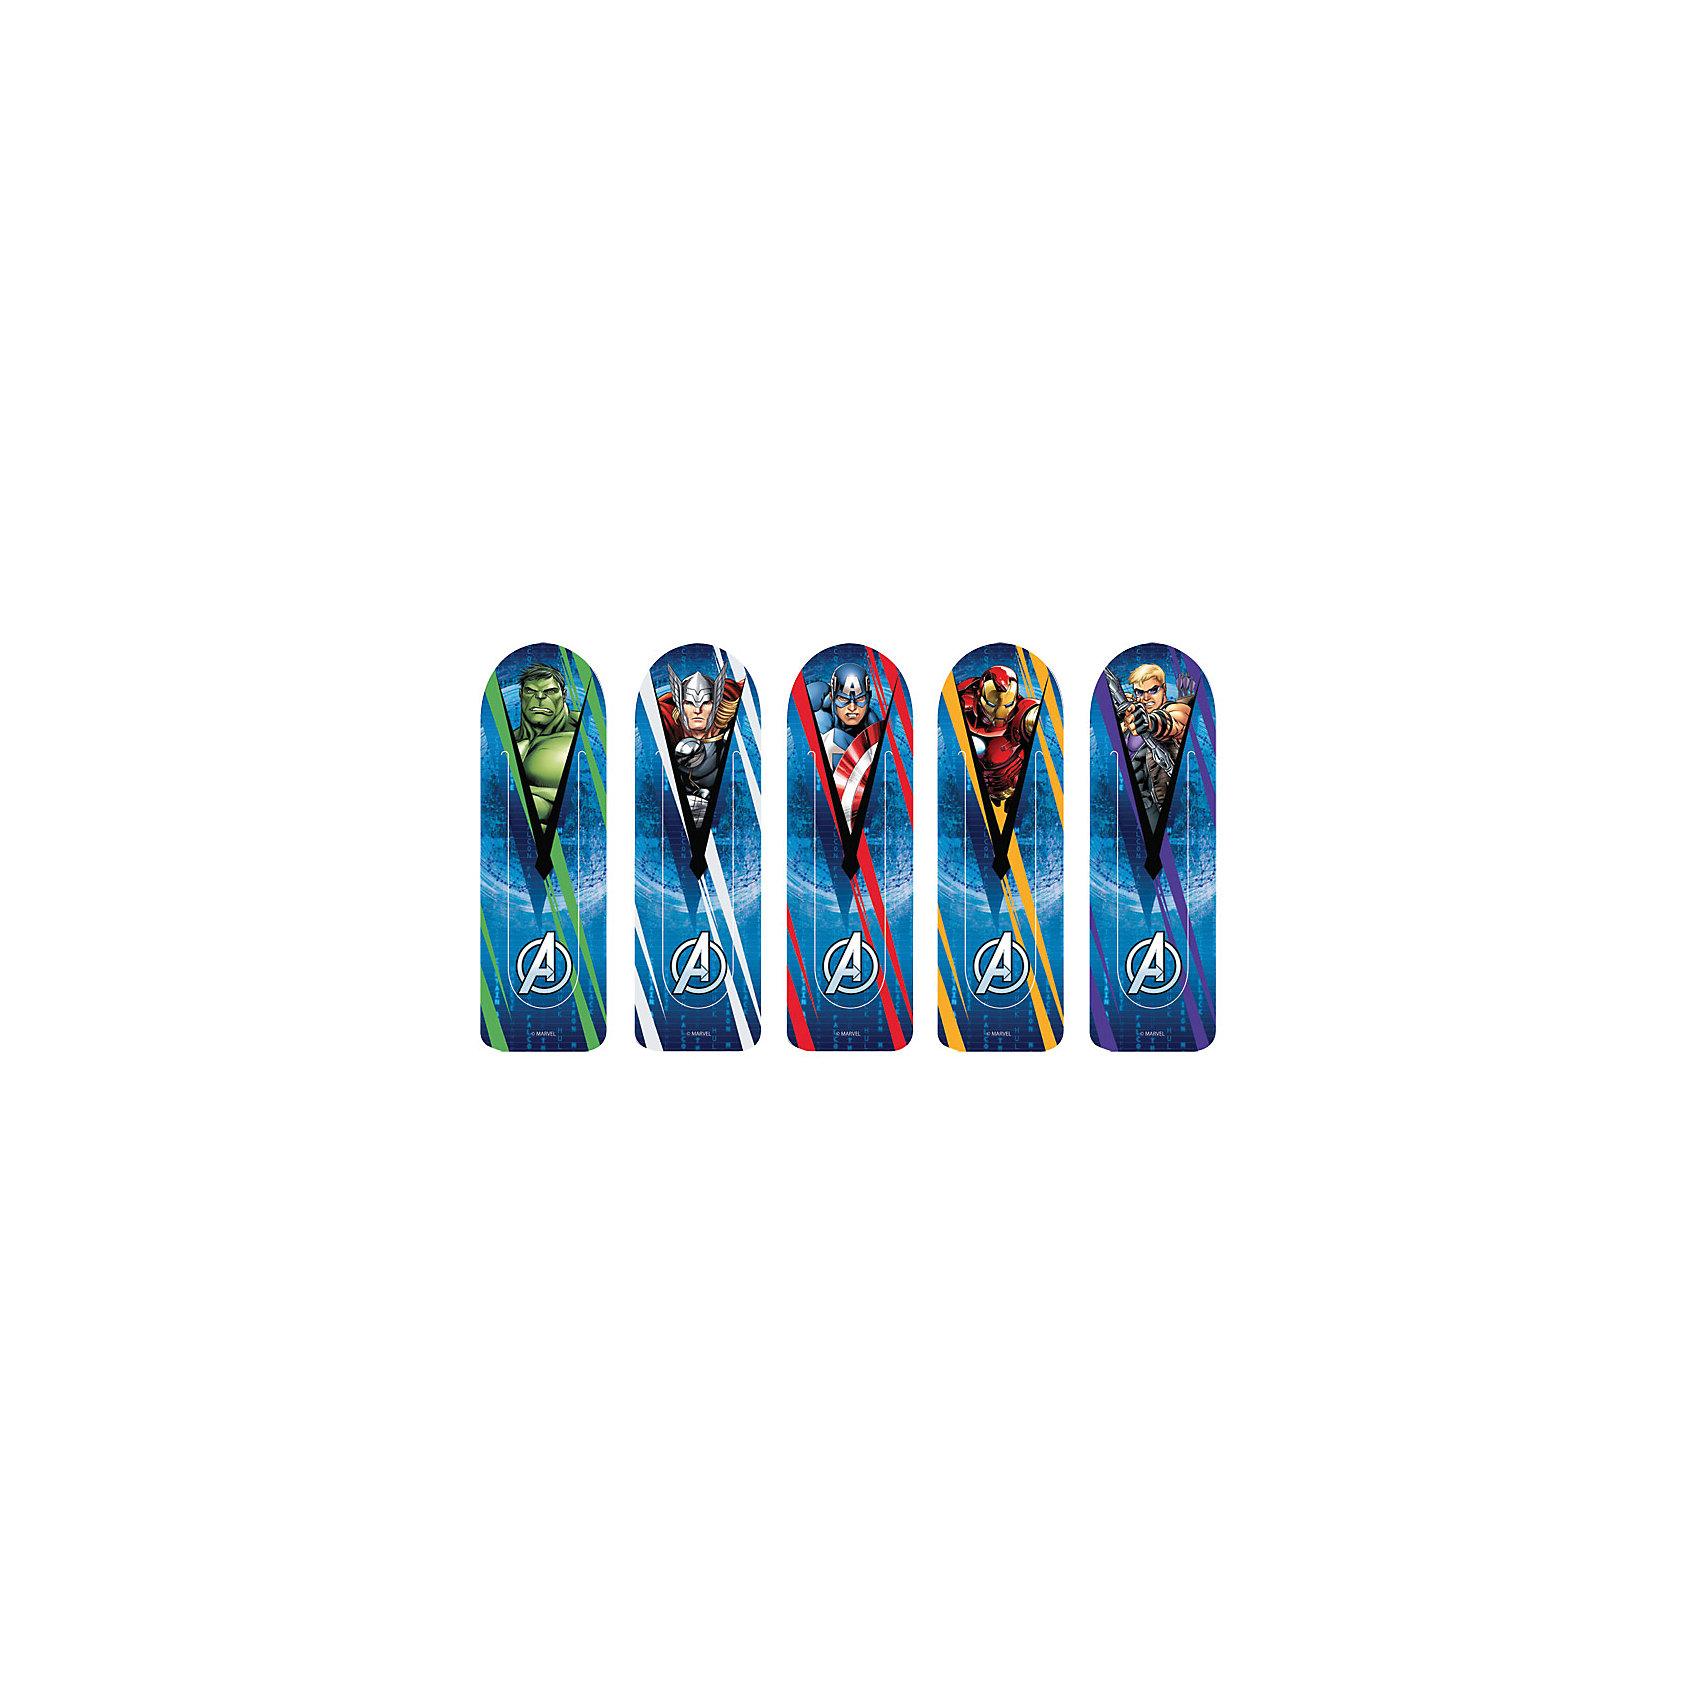 Набор фигурных закладок Мстители, MarvelШкольные аксессуары<br>Характеристики набора фигурных закладок Мстители, Marvel: <br><br>• тип: пластиковые узкие закладки<br>• упаковка: блистер<br>• материал изготовления: пластик<br>• размер упаковки: 15 x 5 х 10 см<br>• вес:19 г<br>• страна обладатель бренда: США<br>• страна изготовления: Россия<br><br>Набор фигурных закладок лицензионного дизайна Marvel Мстители по мотивам популярных комиксов и последующих полнометражных фильмов и мультсериалов. В блистере 5 штук. Материал - полипропилен. Изготовлены в Санкт-Петербурге.<br><br>Набор фигурных закладок лицензионного дизайна Marvel Мстители можно купить в нашем интернет-магазине.<br><br>Ширина мм: 190<br>Глубина мм: 300<br>Высота мм: 600<br>Вес г: 18<br>Возраст от месяцев: 48<br>Возраст до месяцев: 144<br>Пол: Мужской<br>Возраст: Детский<br>SKU: 5475497